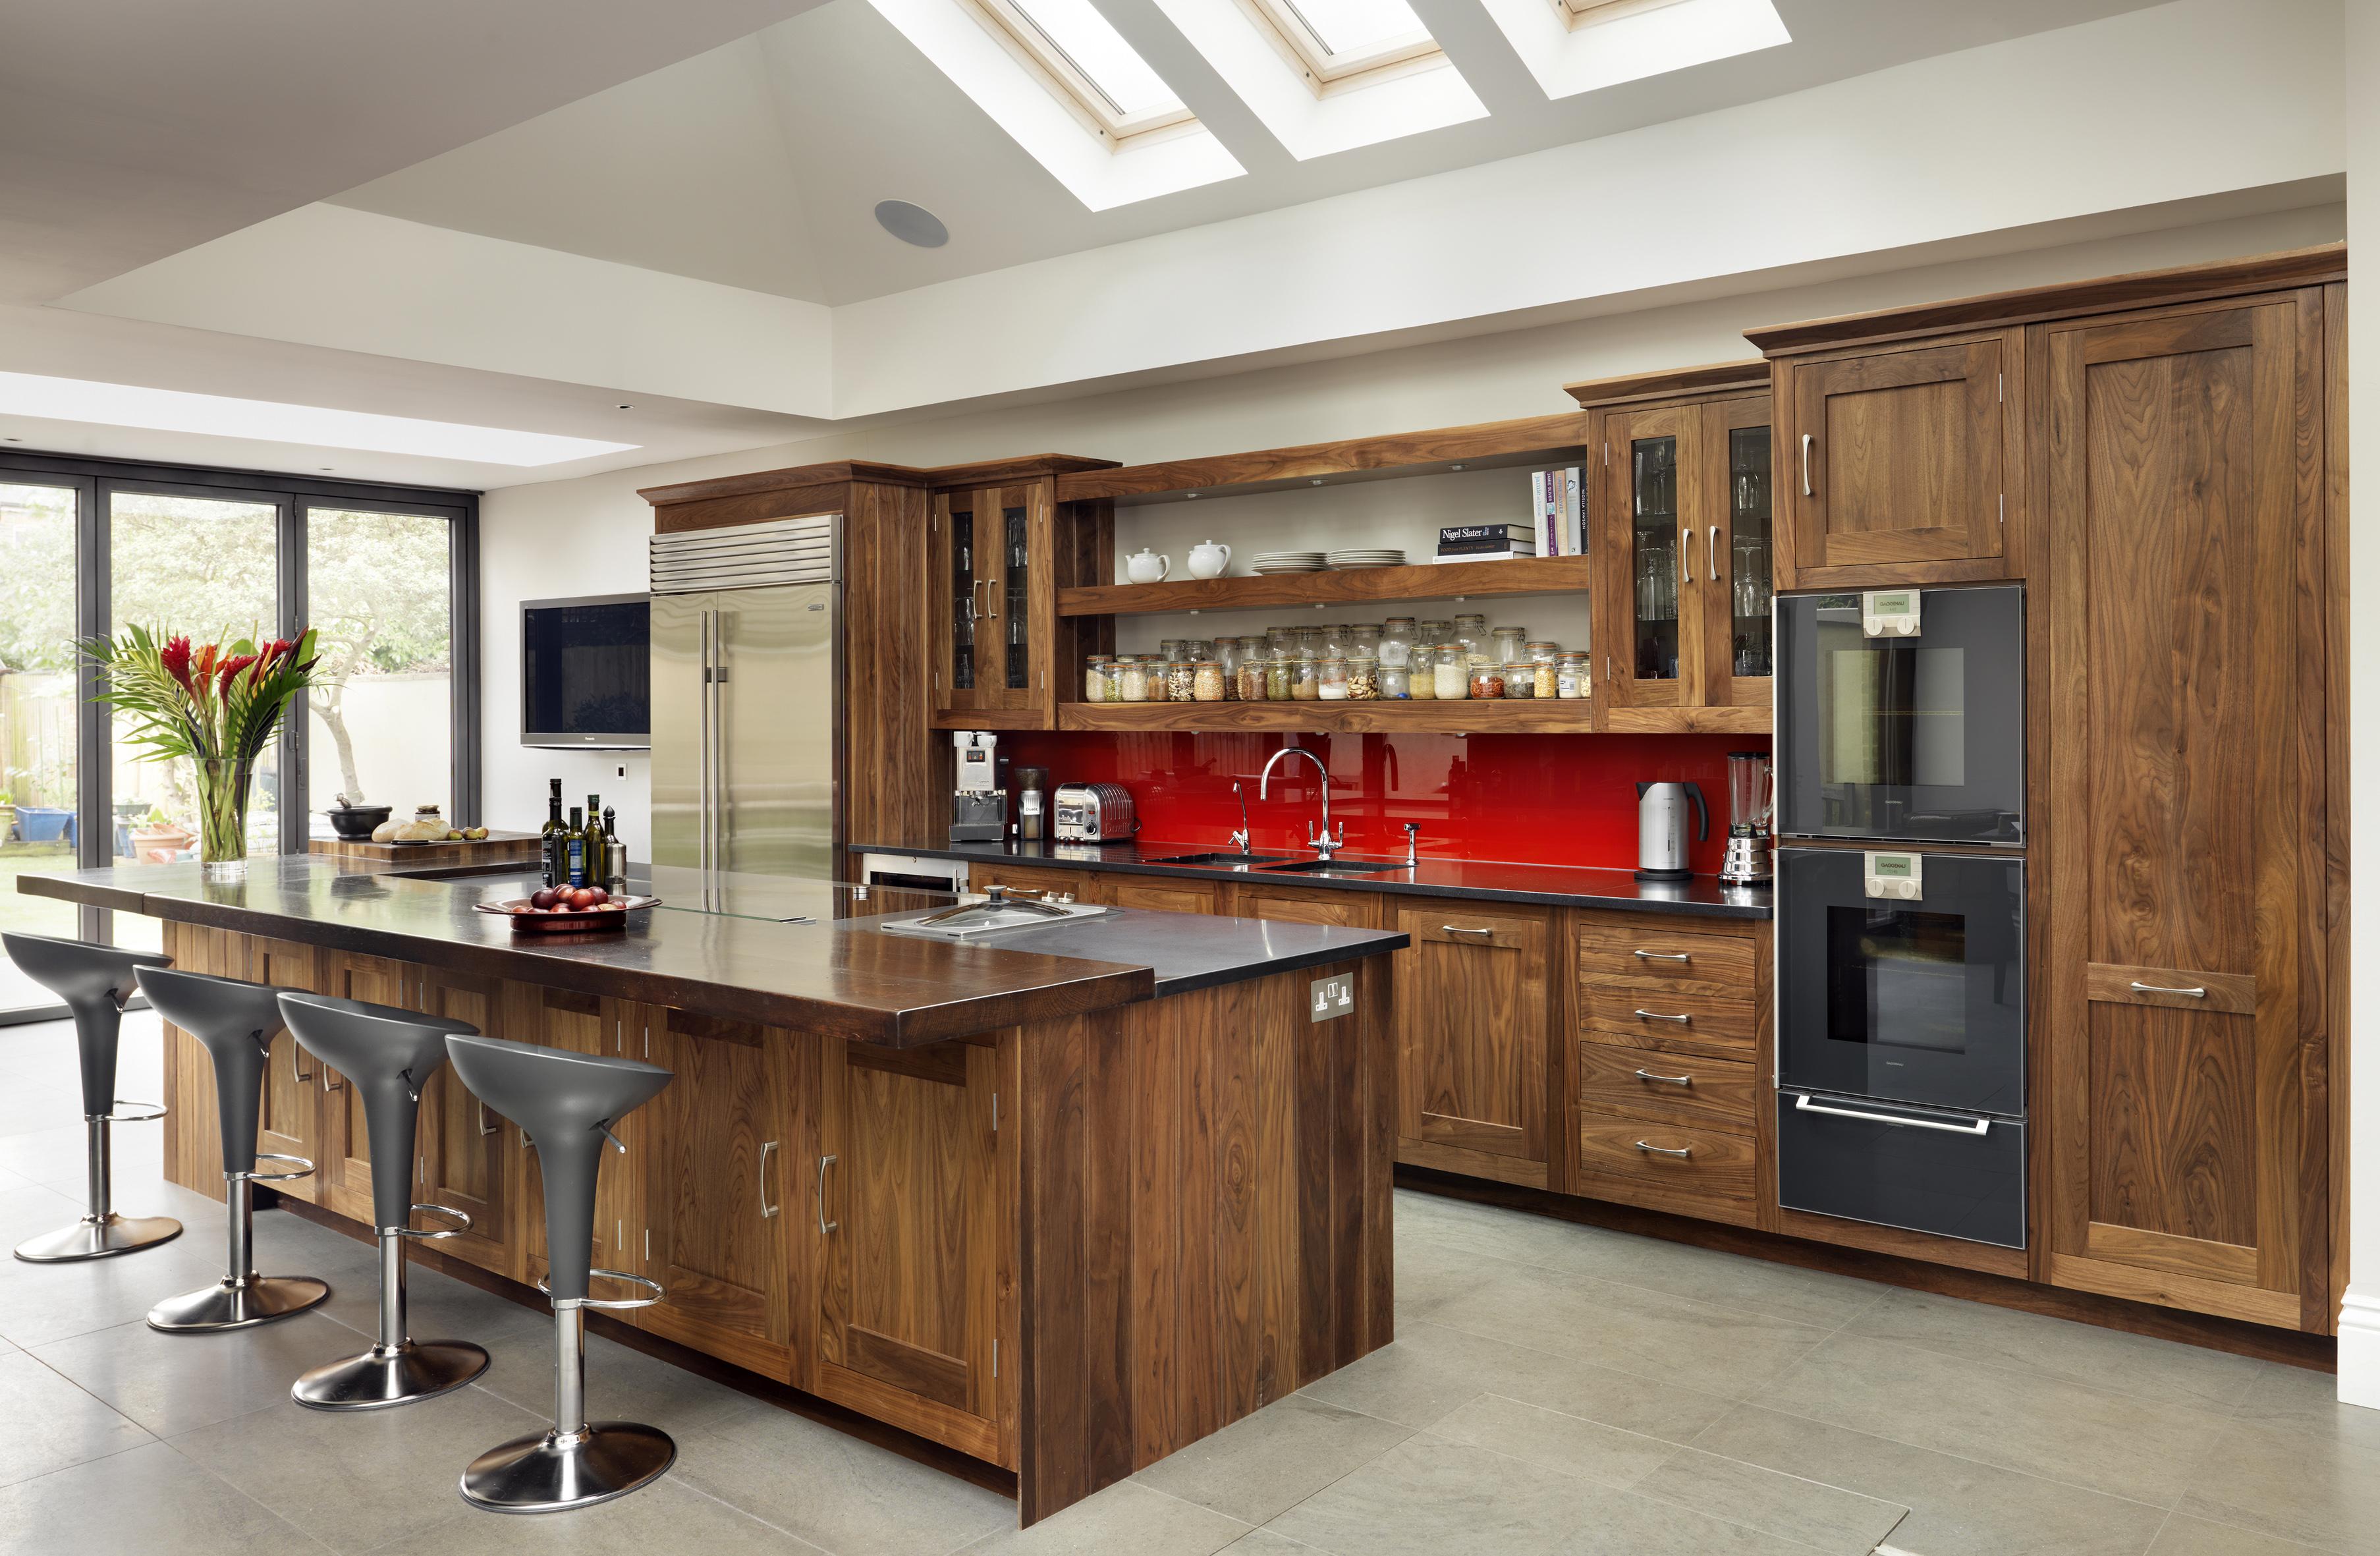 cozinha americana modelo